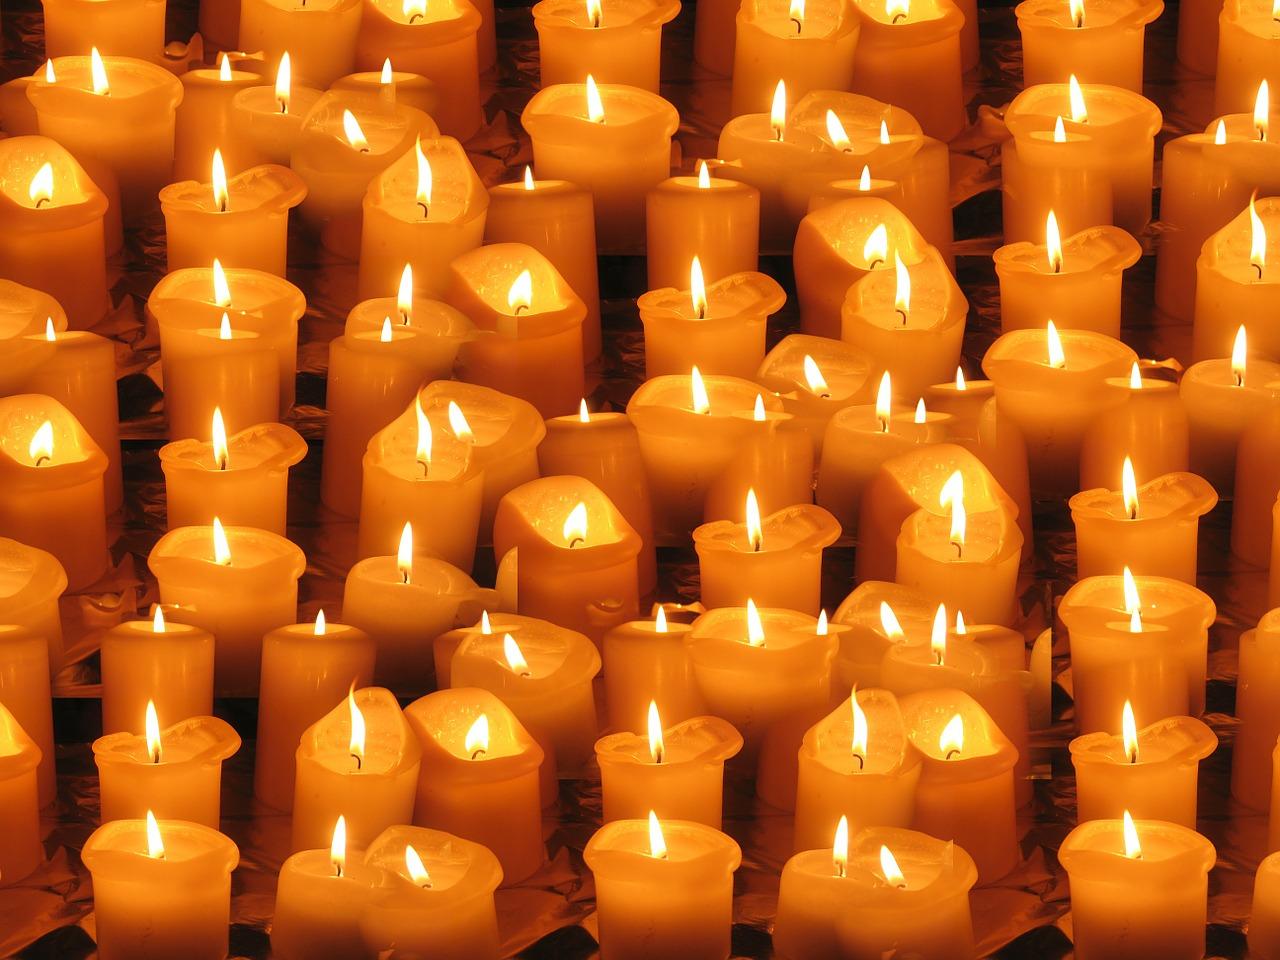 o segredo das velas revelado